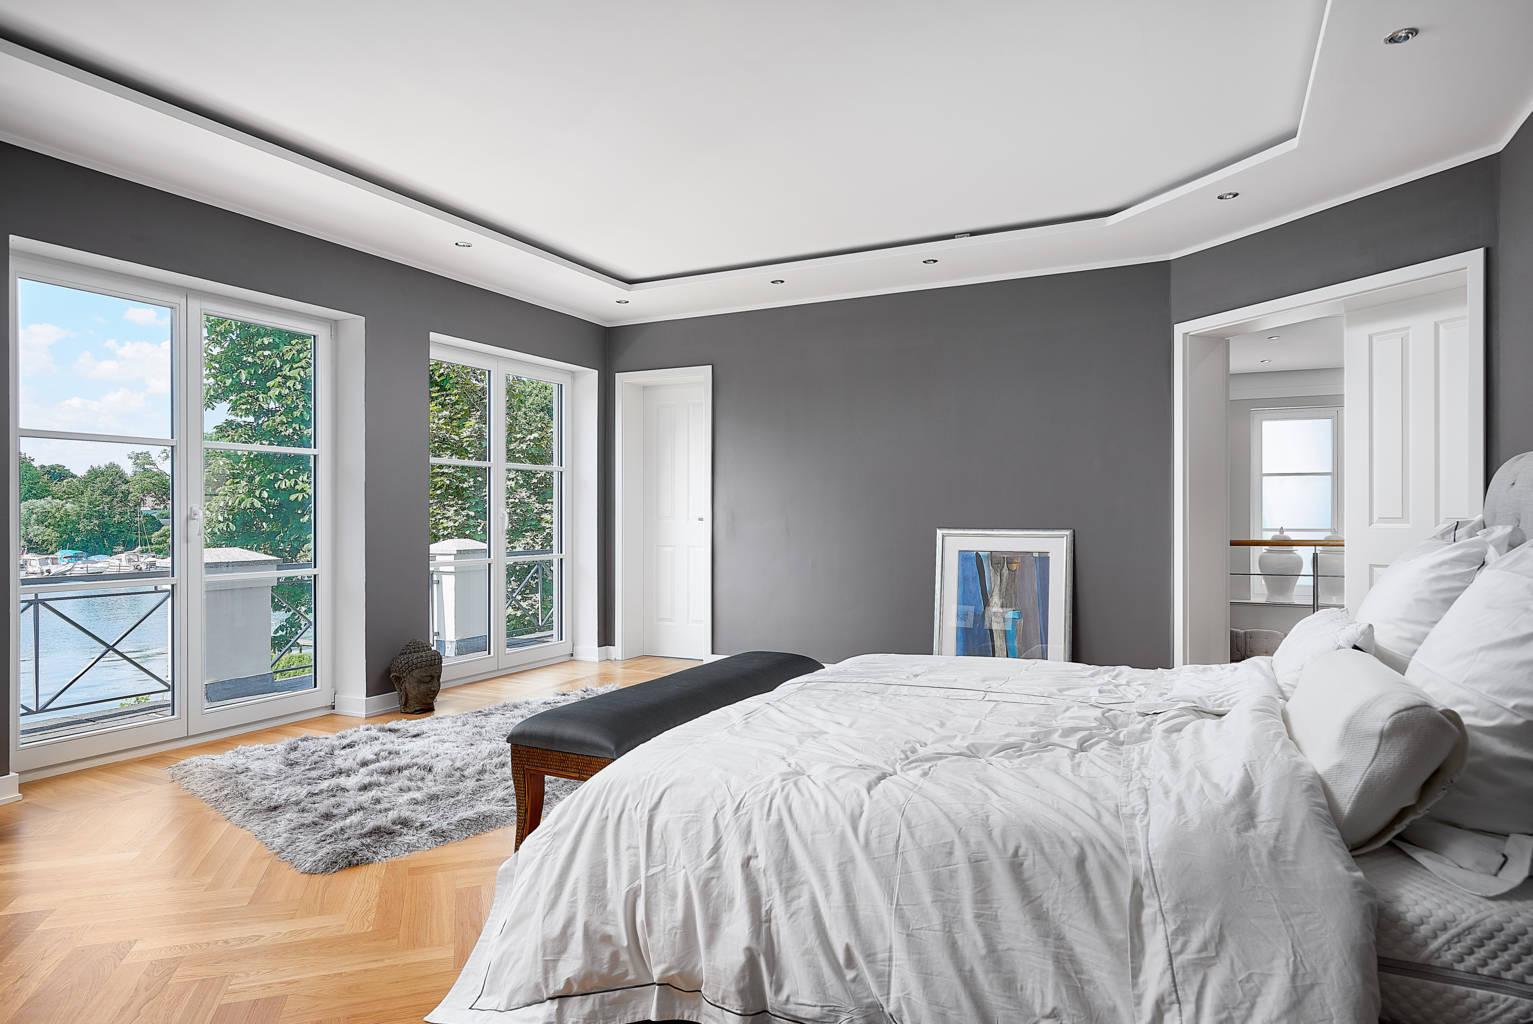 After-Schmöckwitz Schlafzimmer